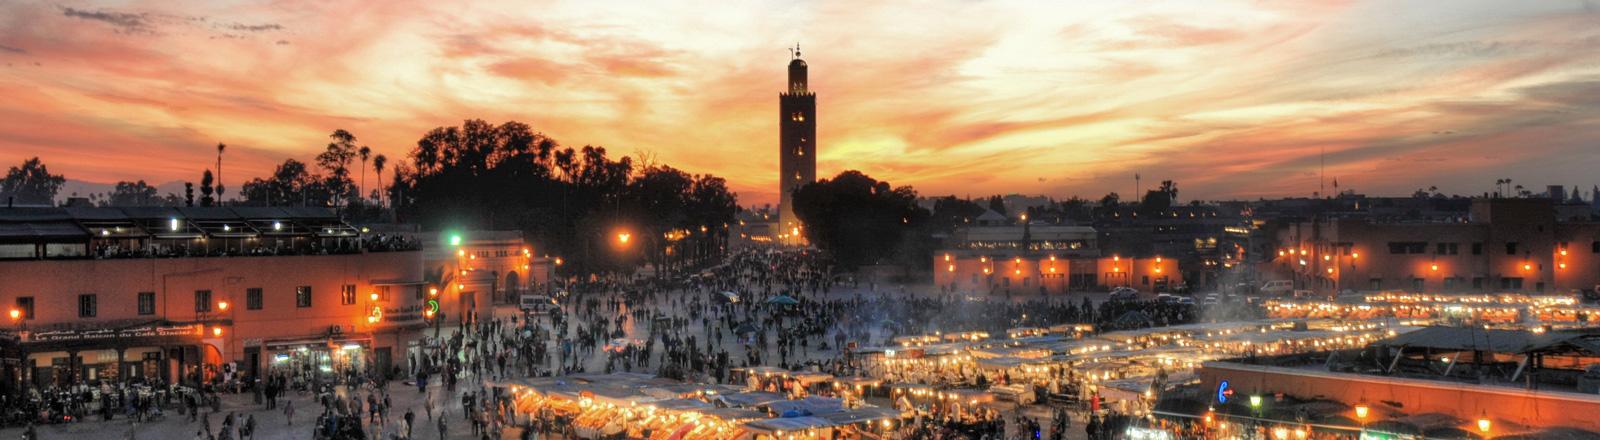 Eine Stadt in Marokko im rötlichen Abendlicht. Auf dem Marktplatz leuchten die Lichter der Verkaufsstände.